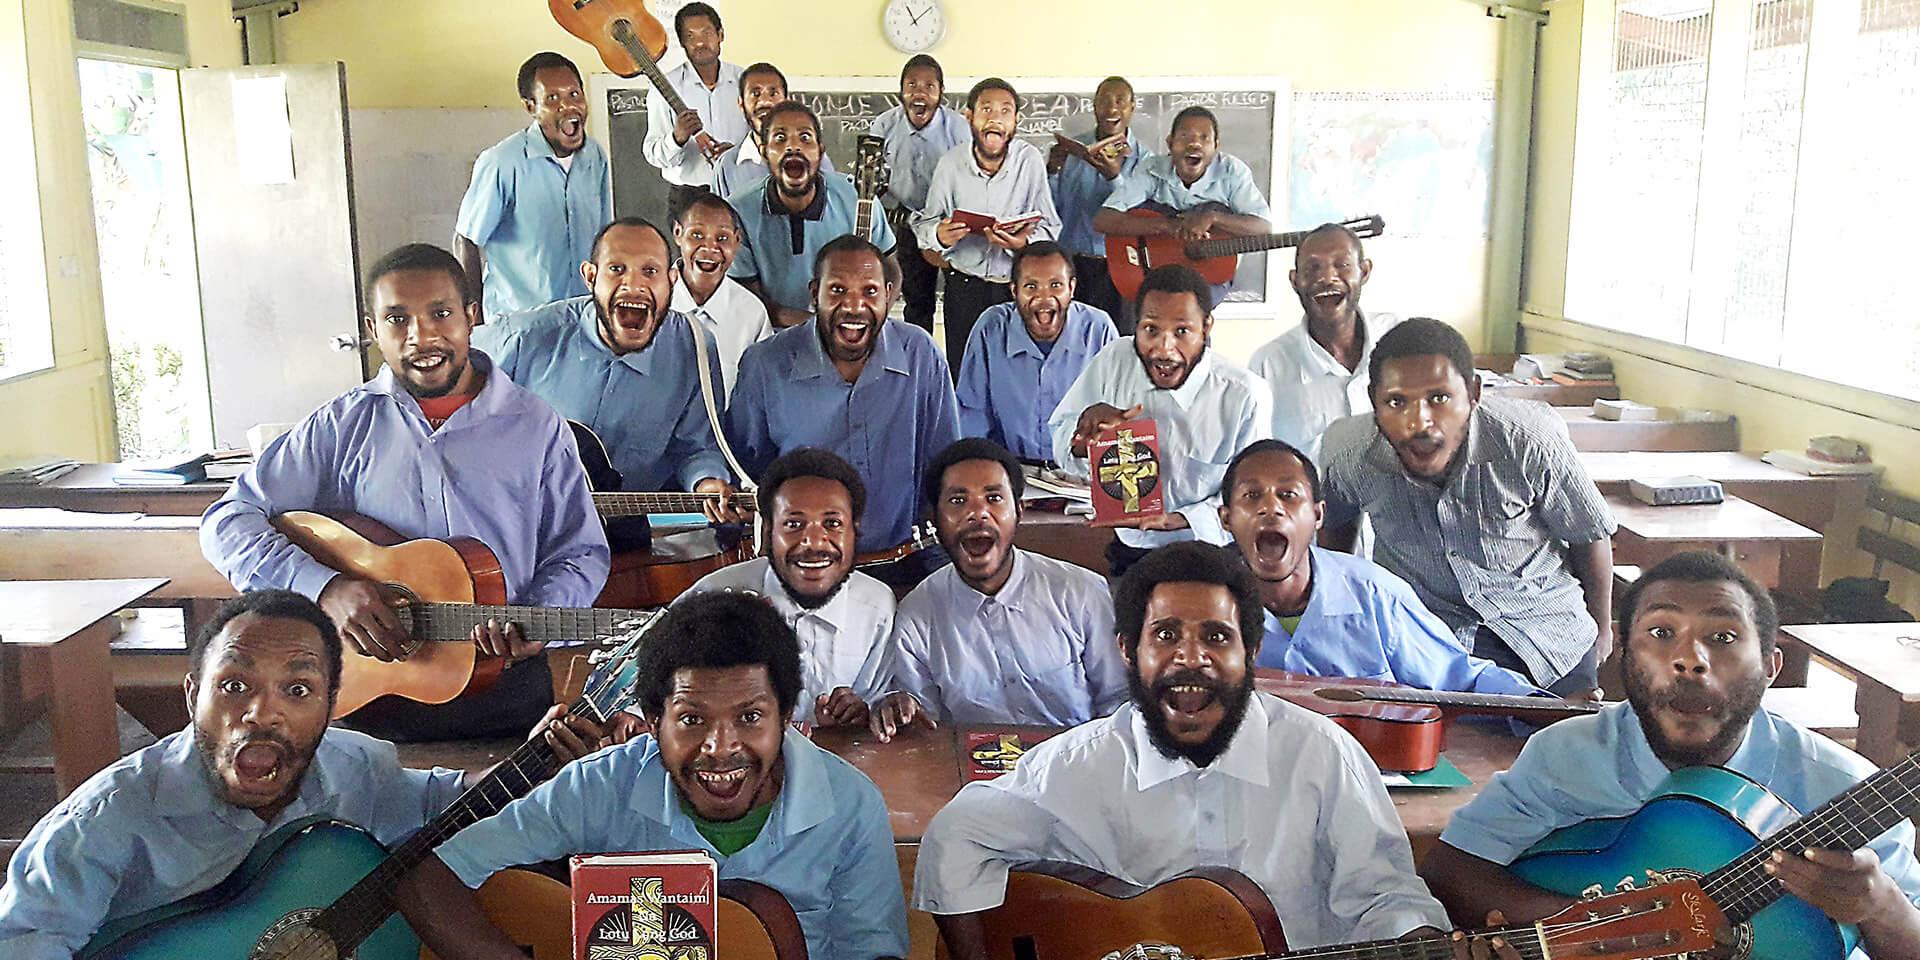 Chor in Papua-Neuguinea